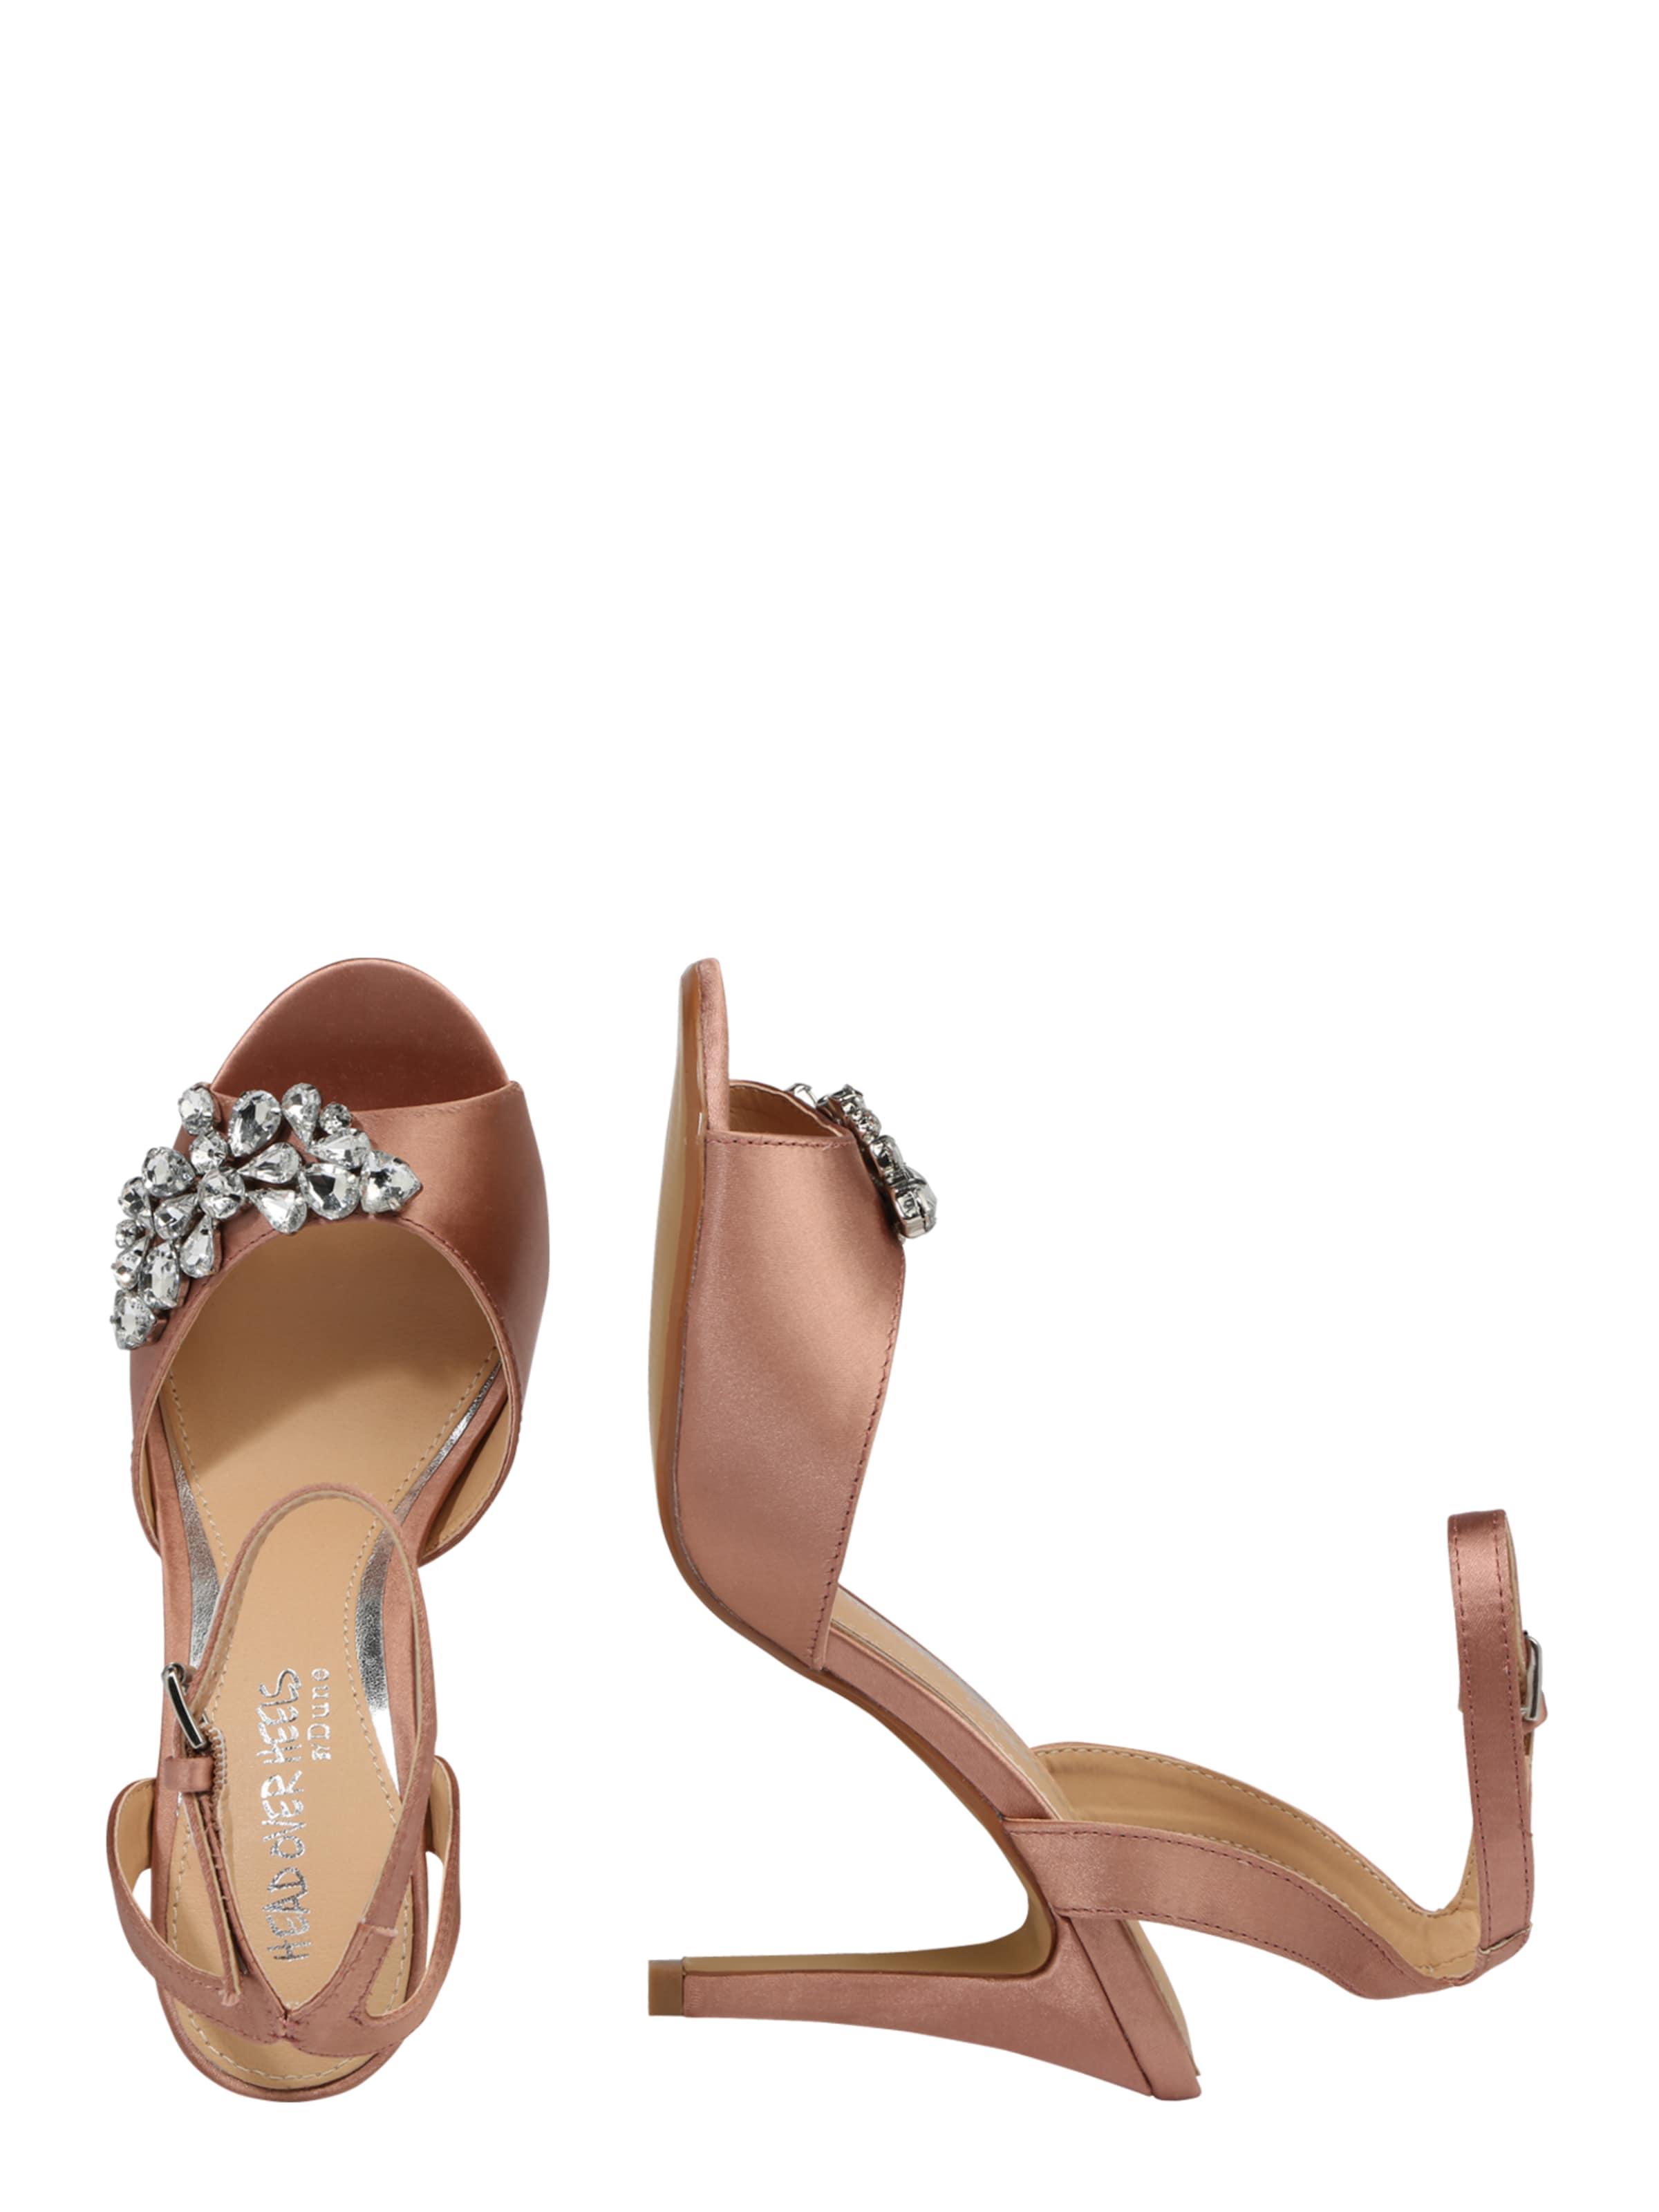 Rabatt Klassisch Head Over Heels High Heel Sandalette 'MICHA' Amazon Footaction Auslasszwischenraum Store Rabatt Limitierte Auflage gW9Fhhmb